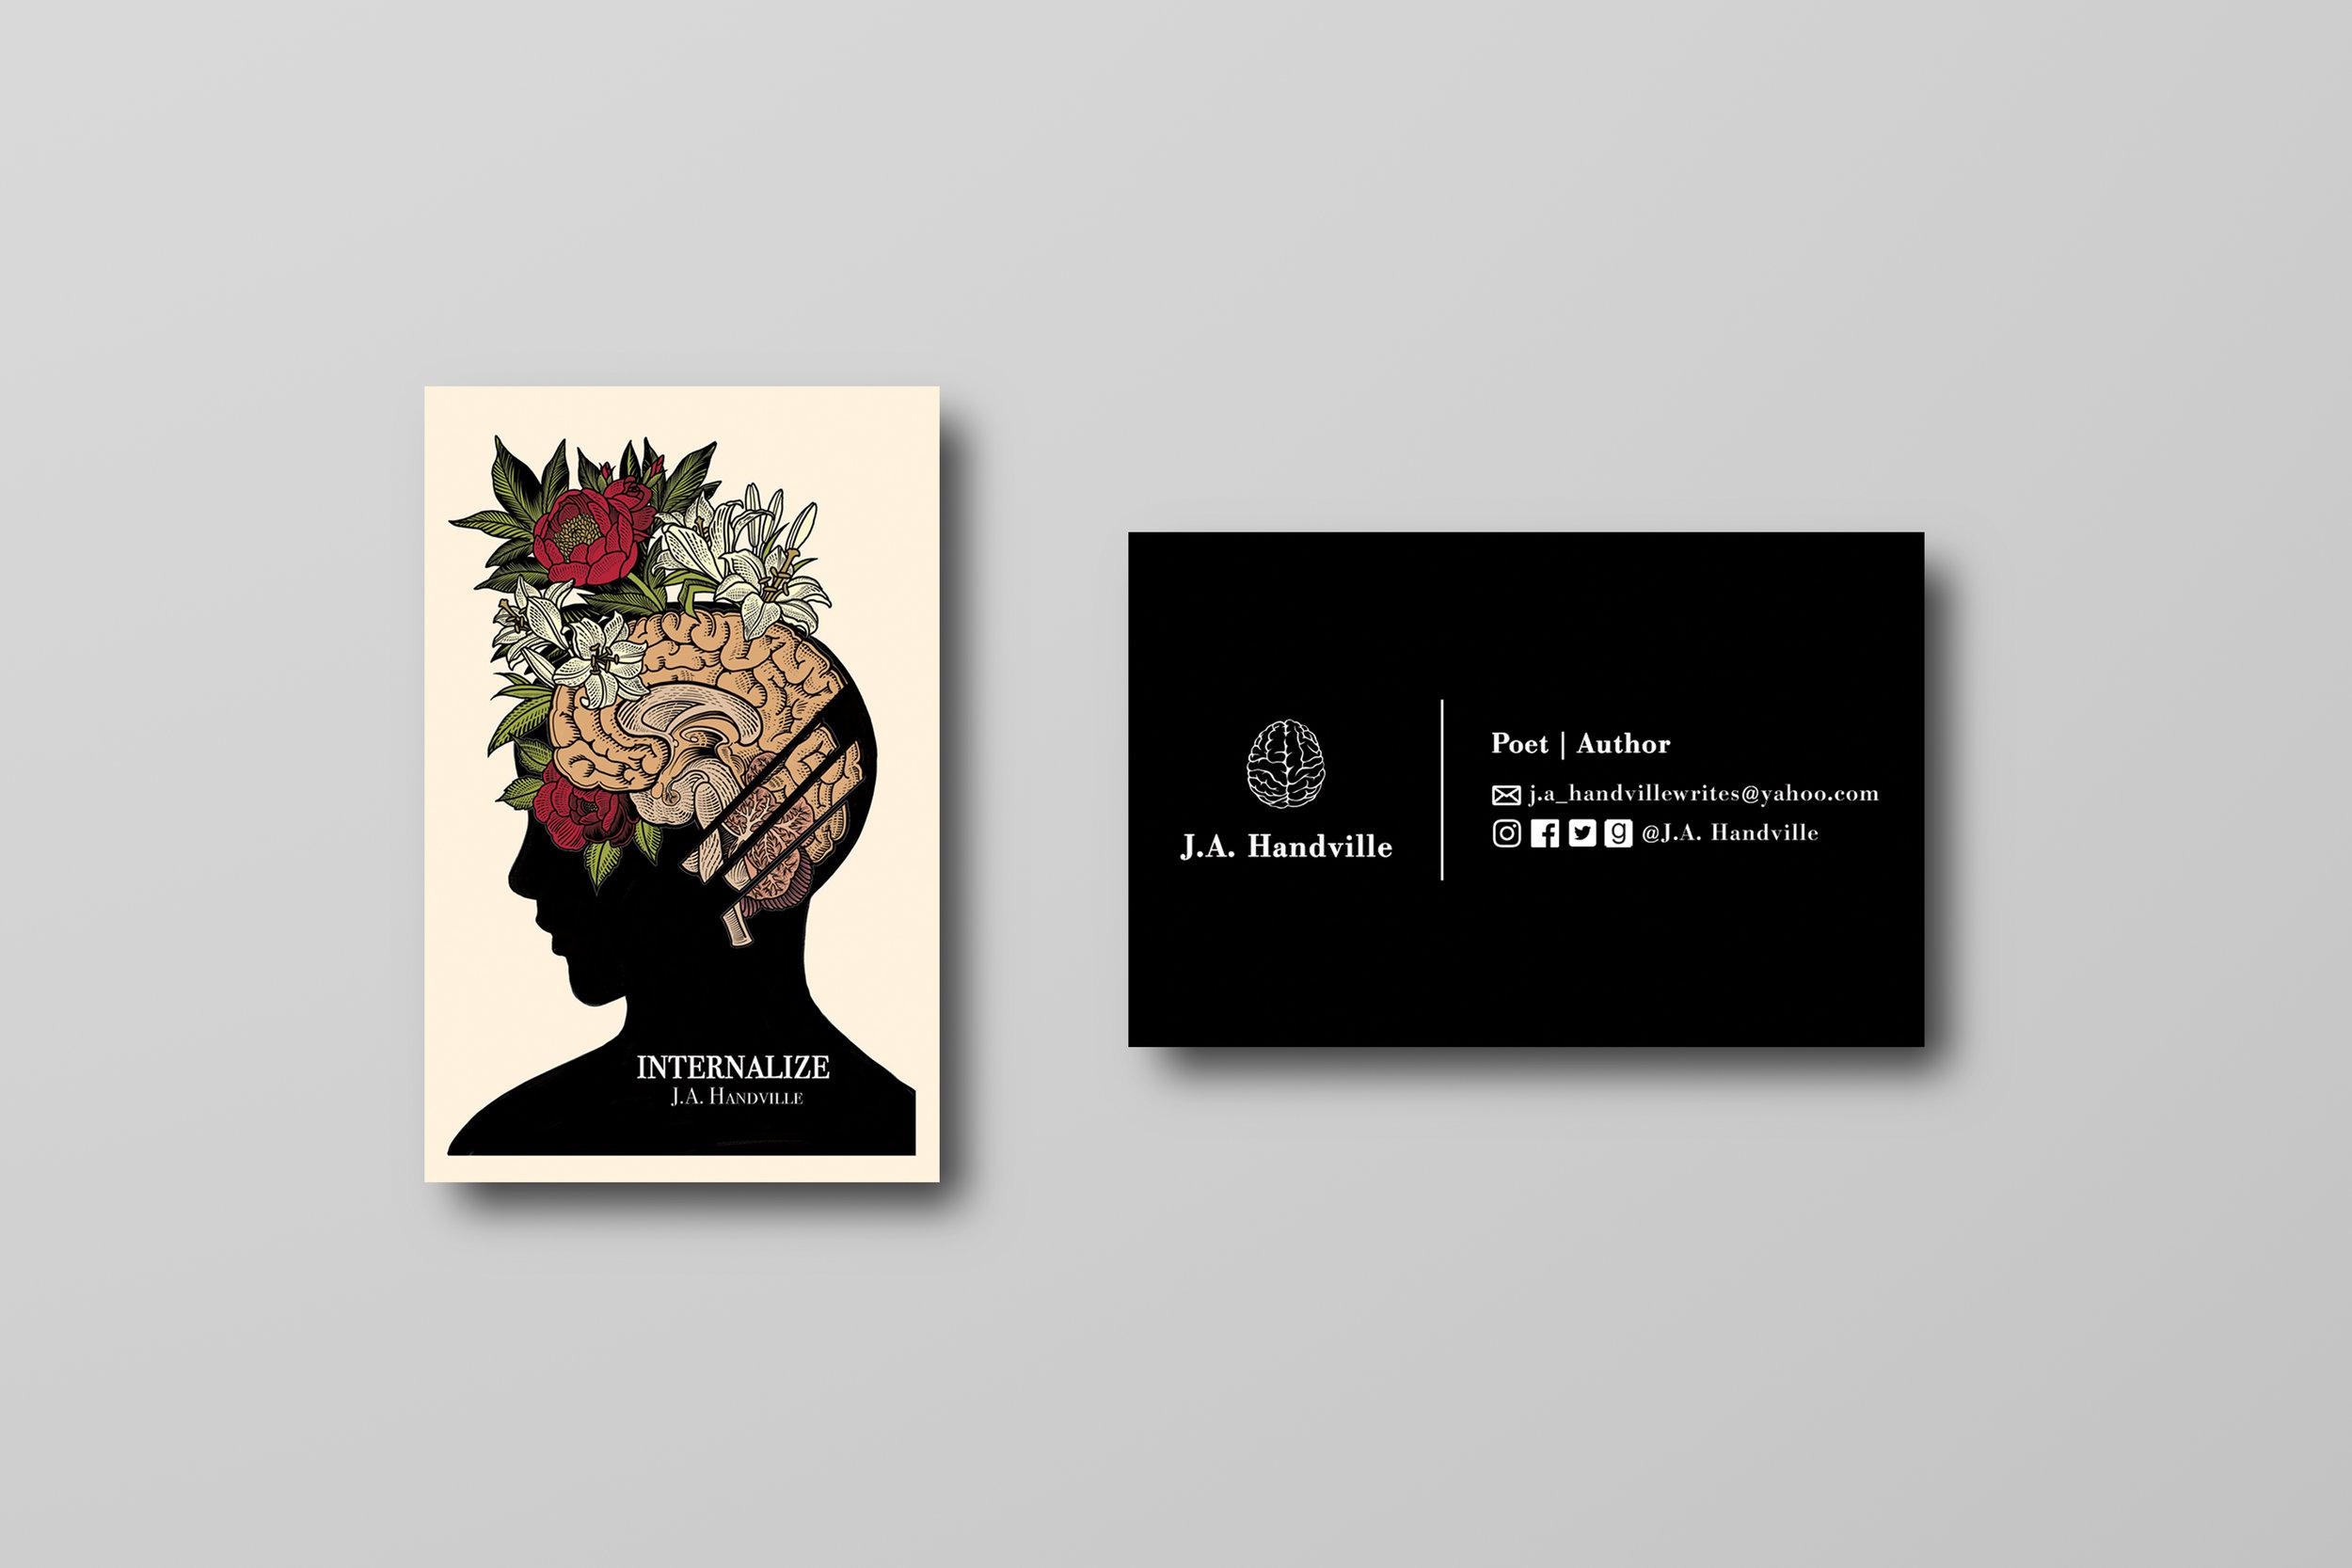 J.A. Handville Business Cards Mockup.jpg